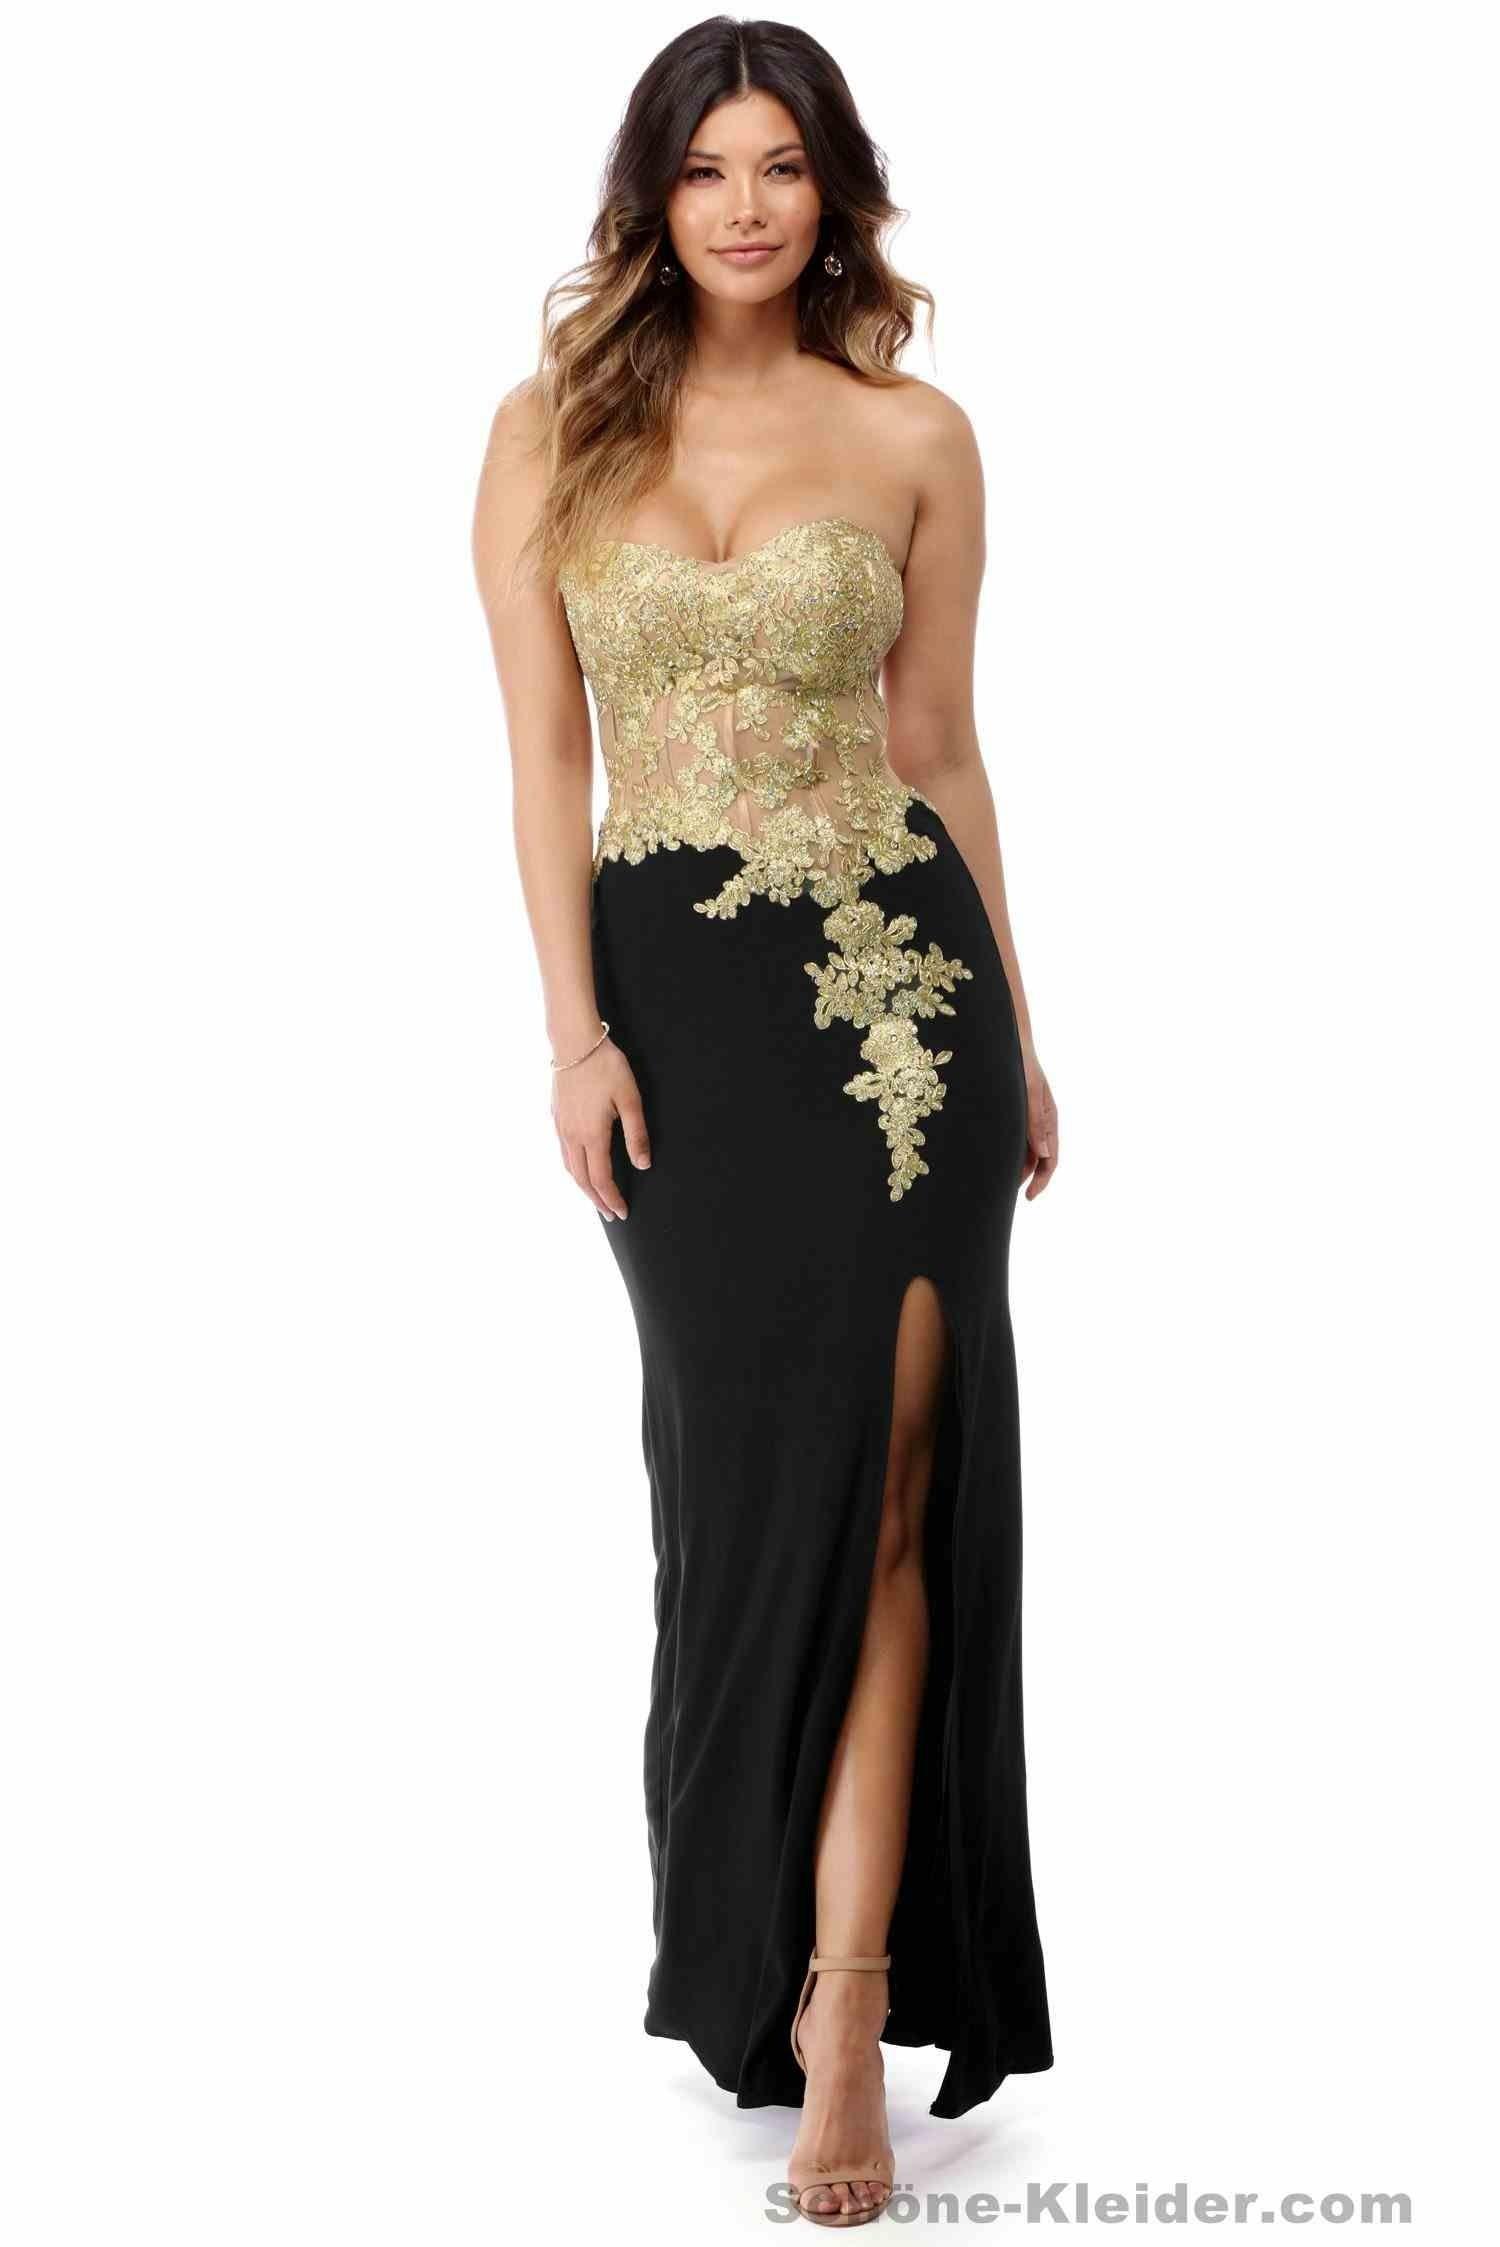 10 Elegant Wunderschöne Abendkleider für 2019Formal Einfach Wunderschöne Abendkleider für 2019